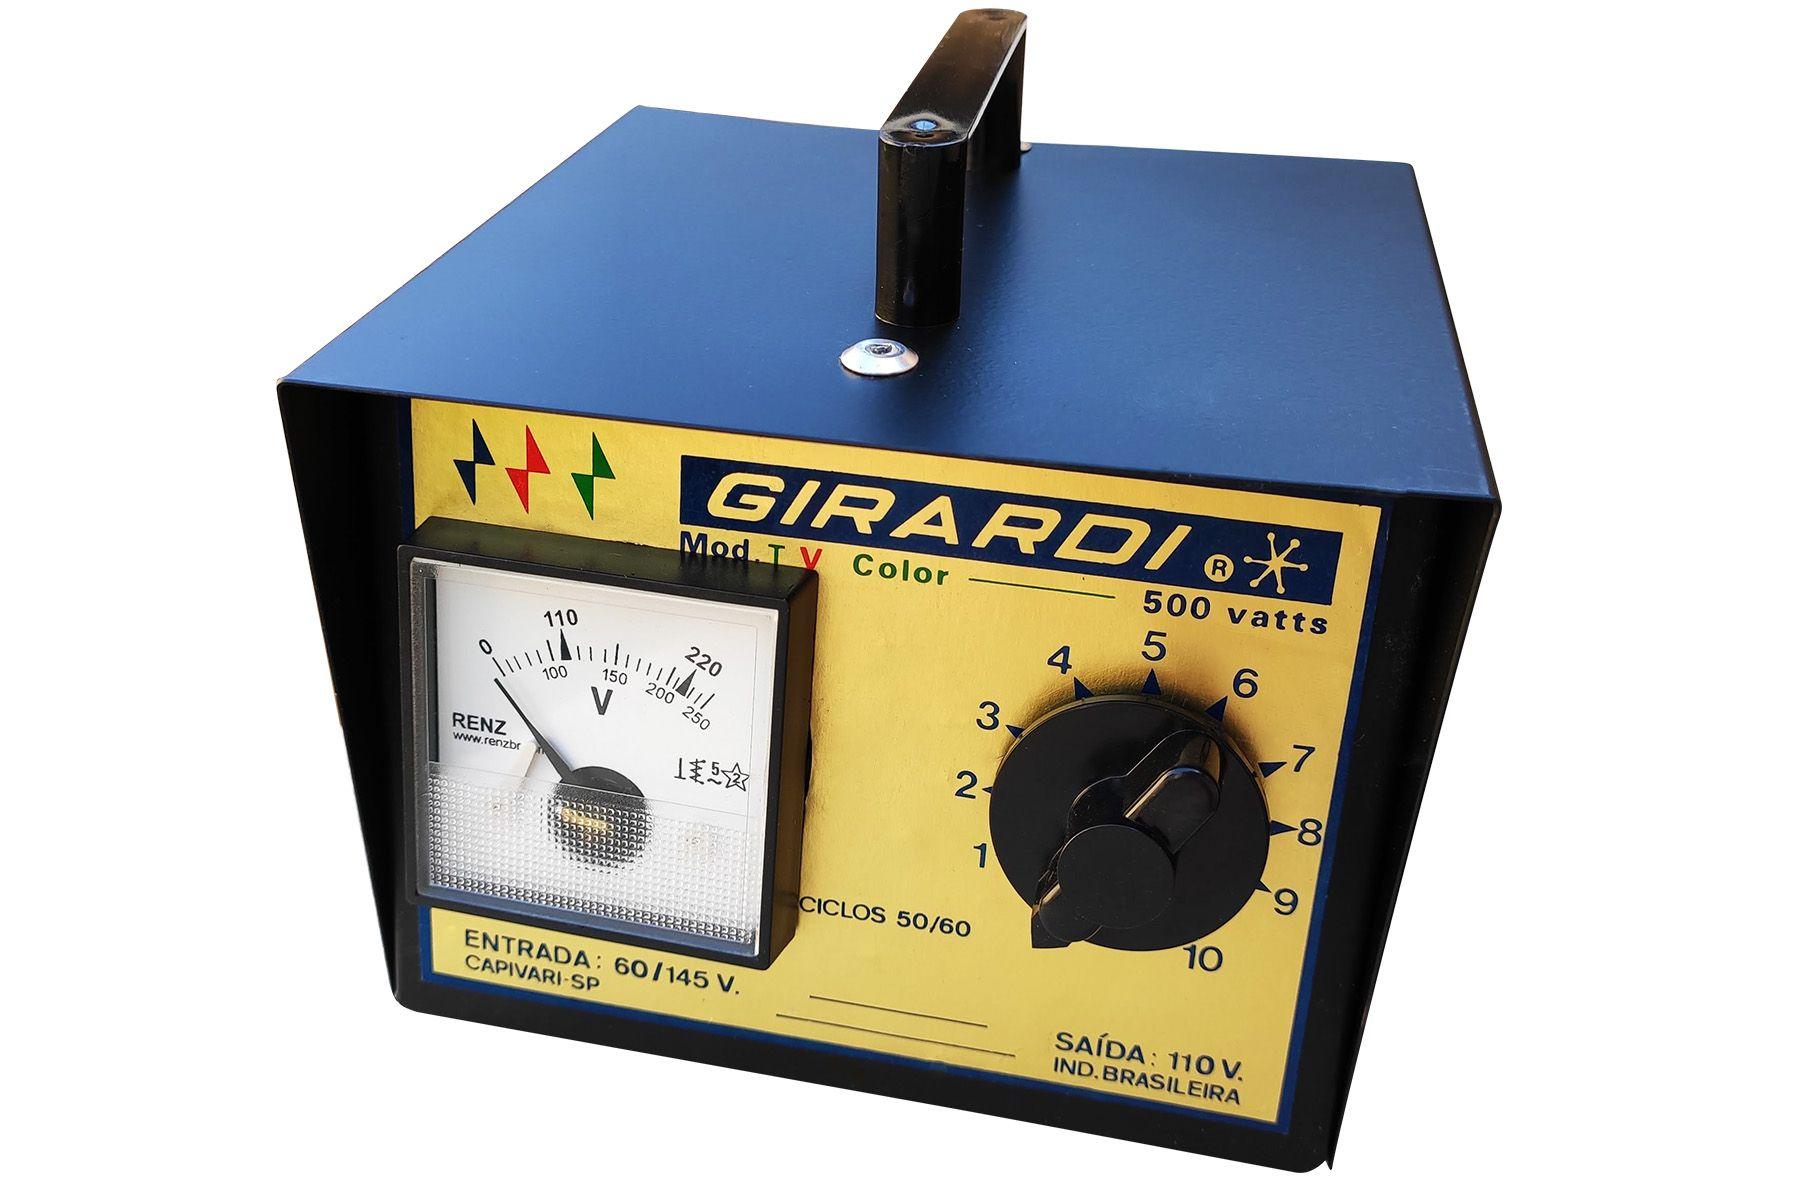 Regulador Manual De Tensão / Voltagem Girardi 500 VA Entrada 110V Saída Bivolt